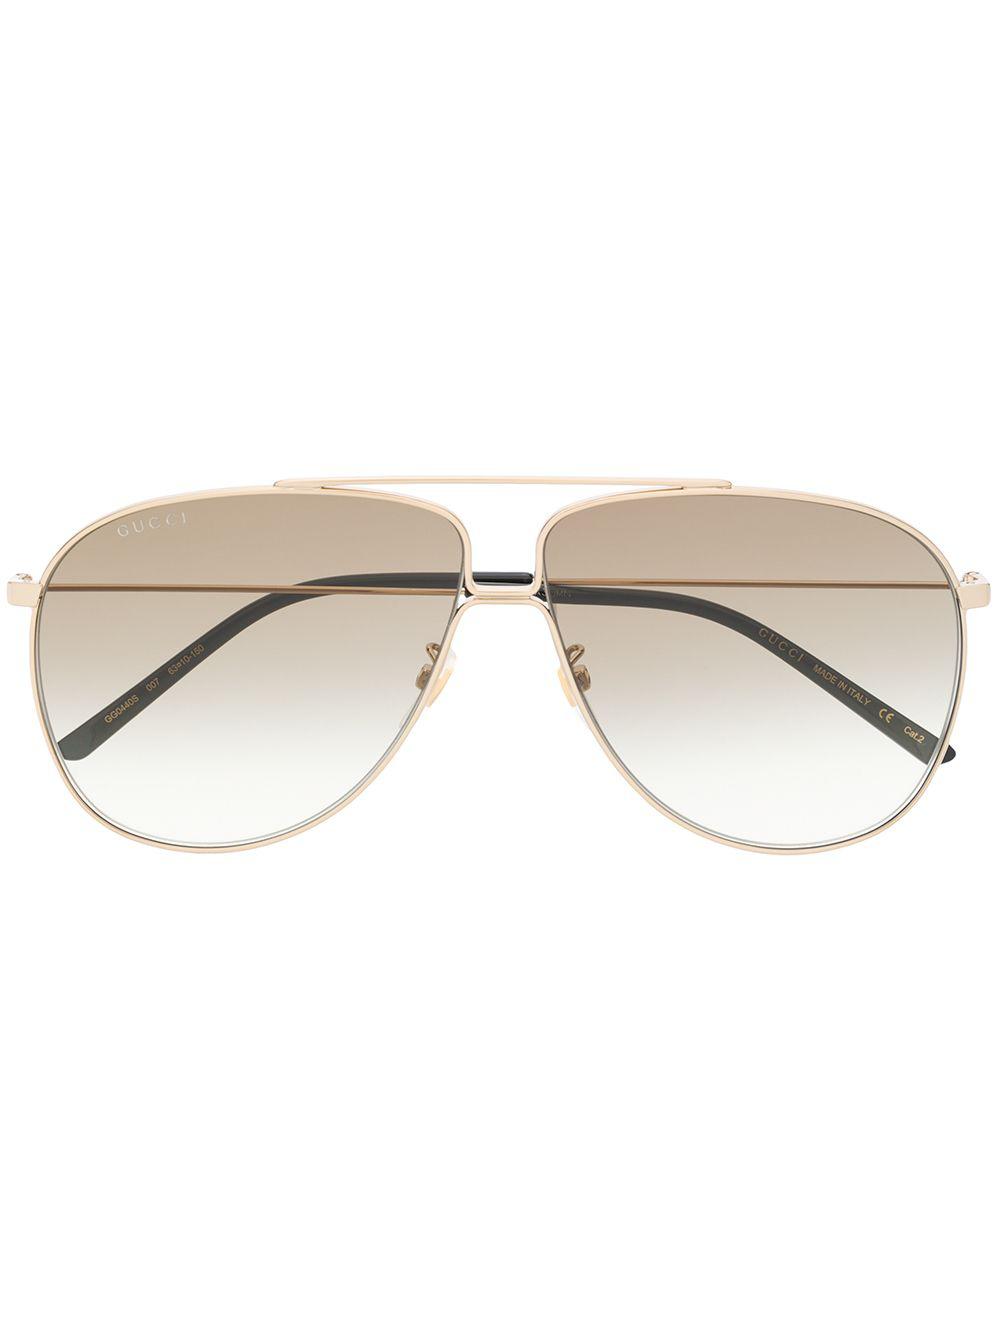 00776df8948 Gucci Eyewear Aviator Sunglasses - Gold. Farfetch